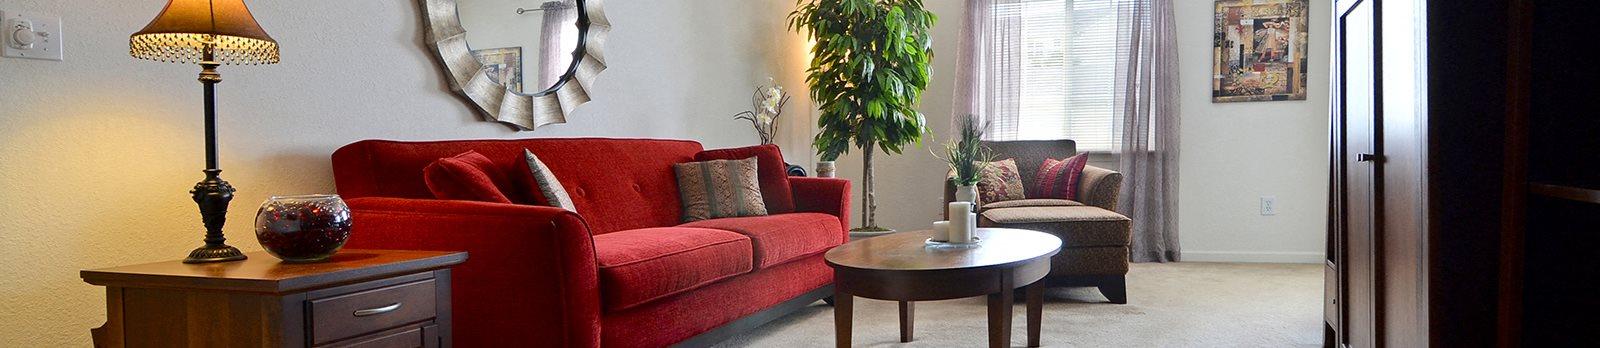 Unique Decor at River Landing Apartments, Myrtle Beach, SC